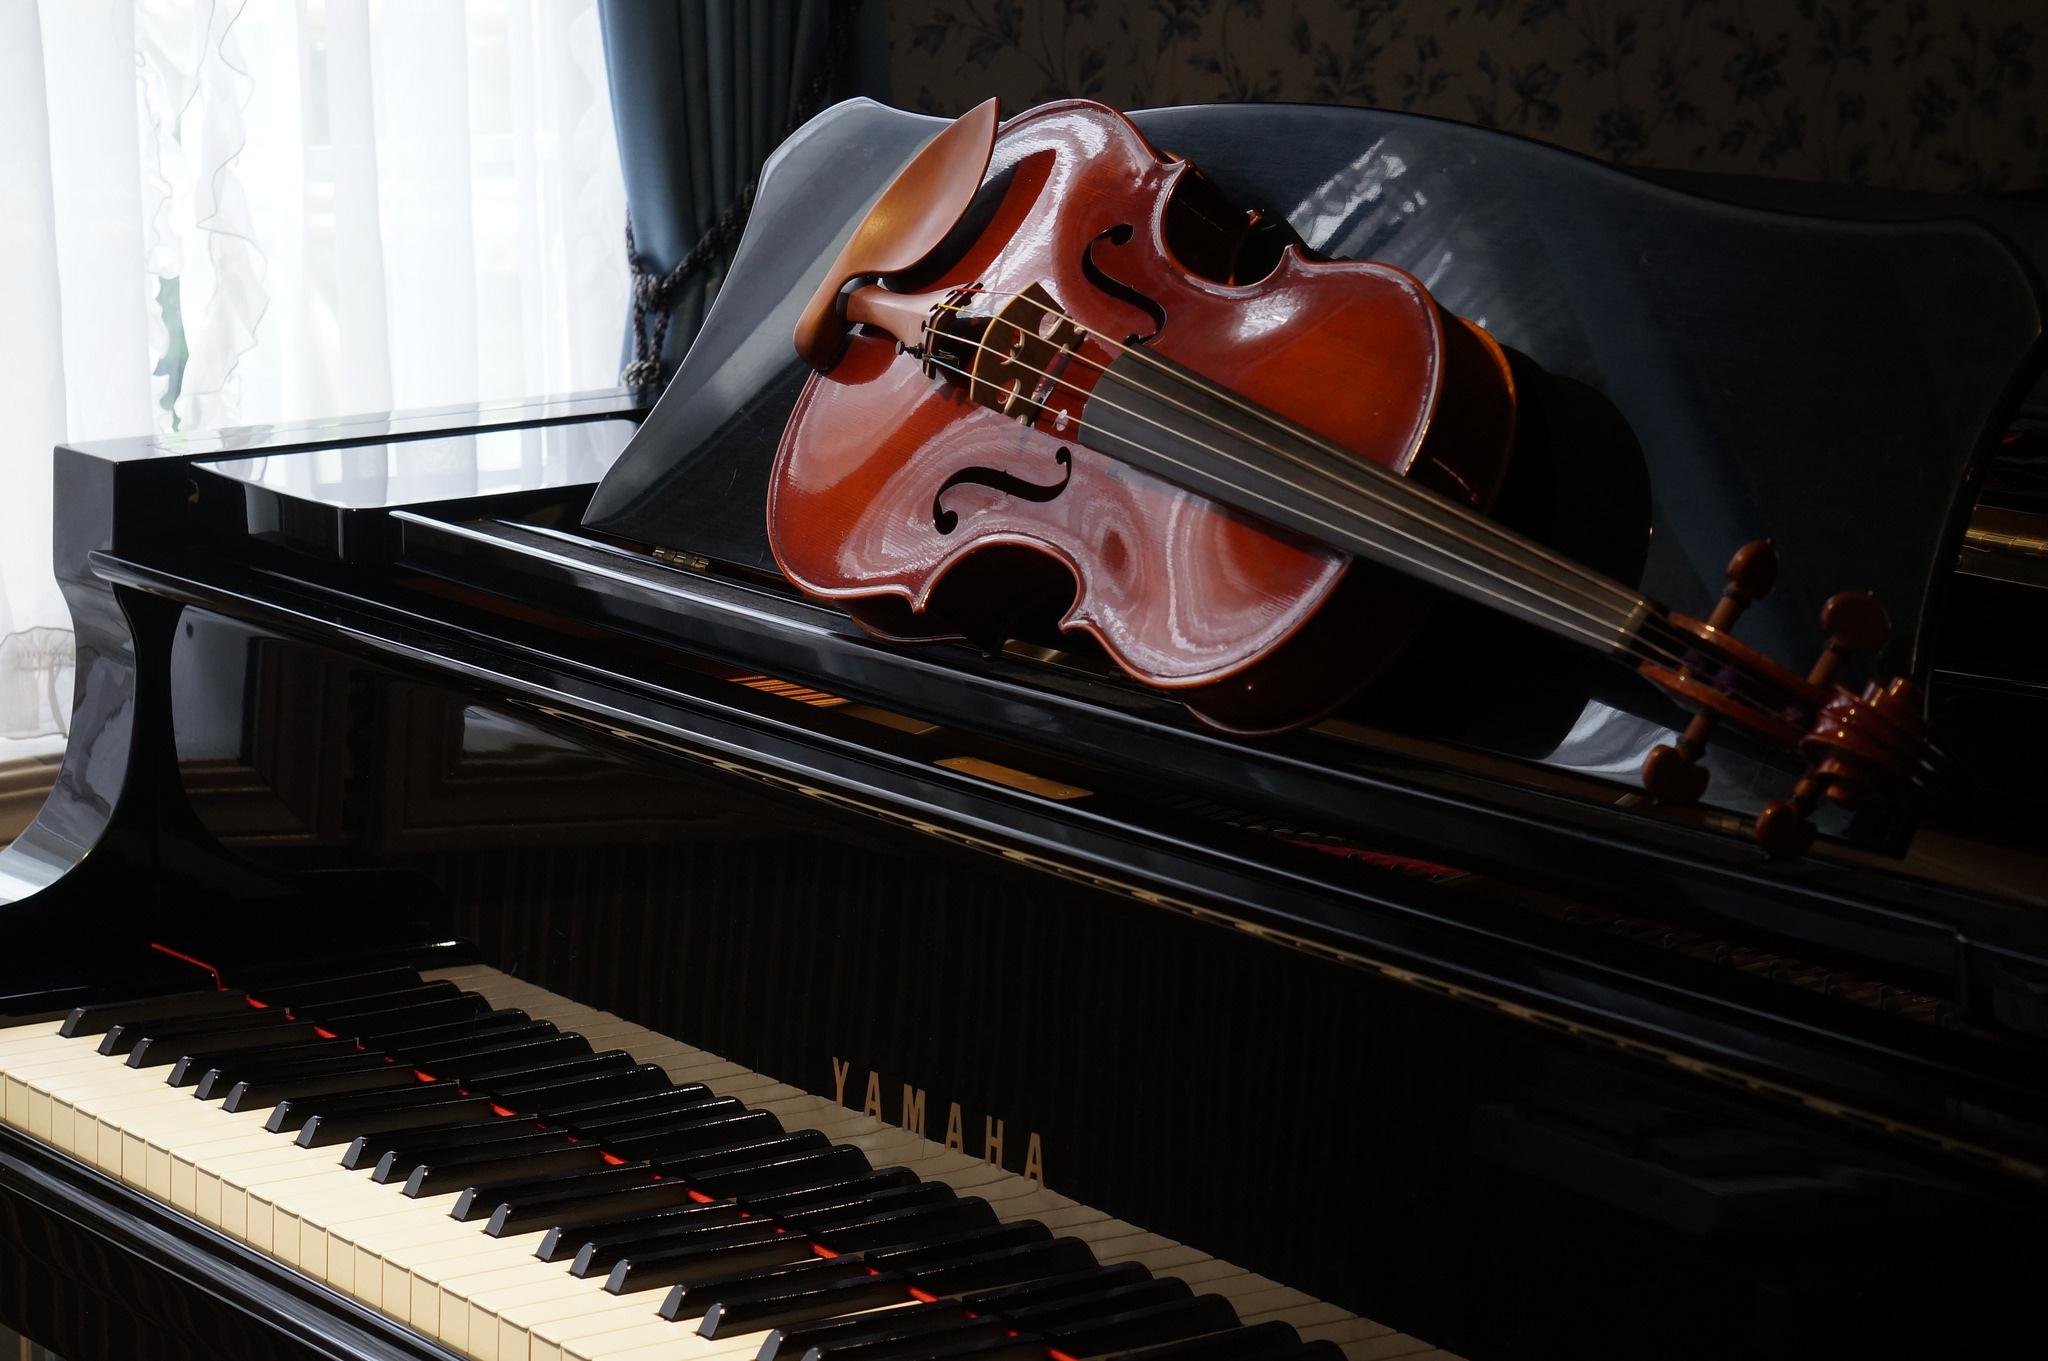 красивая музыка хорошего качества покончит этим конце